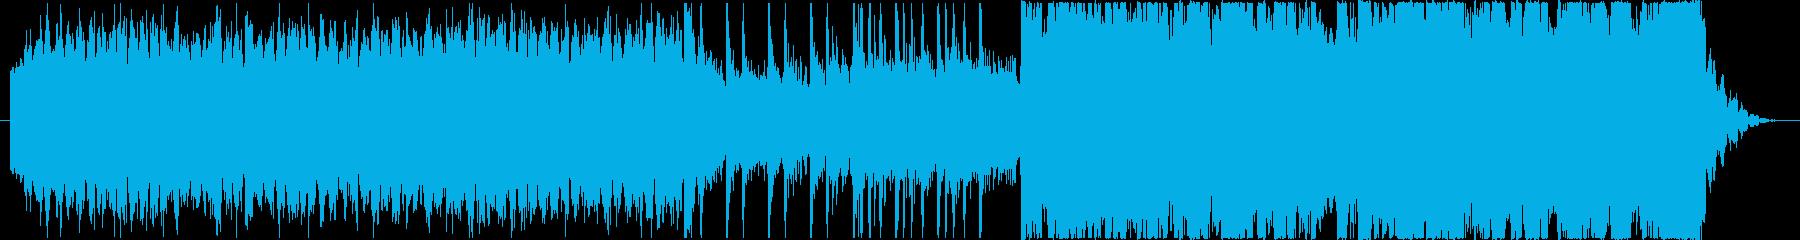 シンセとギターのスケールの大きい楽曲の再生済みの波形